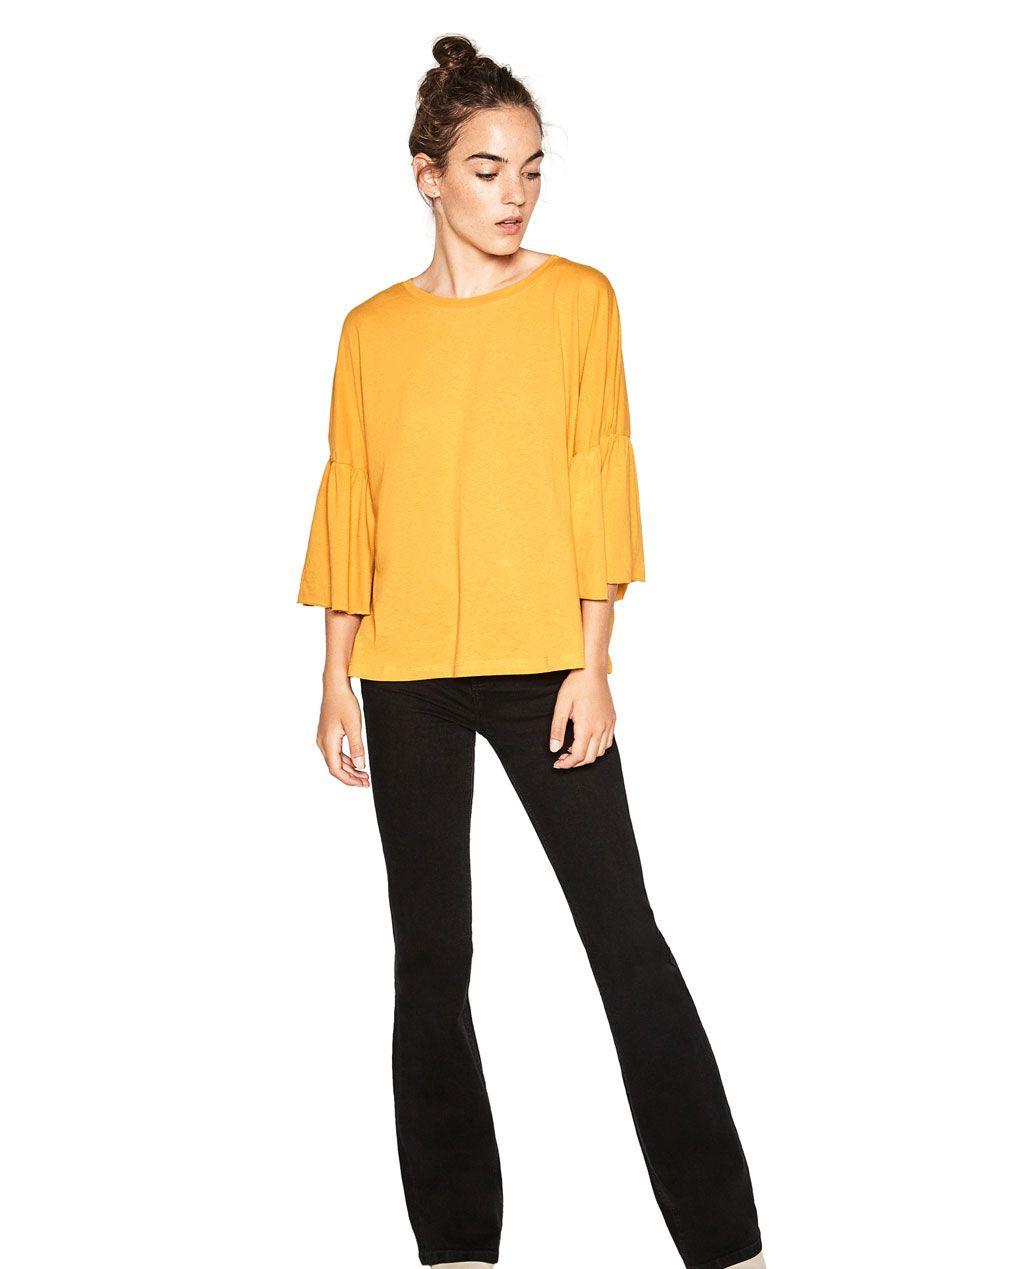 フリル袖付きケープ型Tシャツ-長袖-Tシャツ-レディ-ス | ZARA 日本